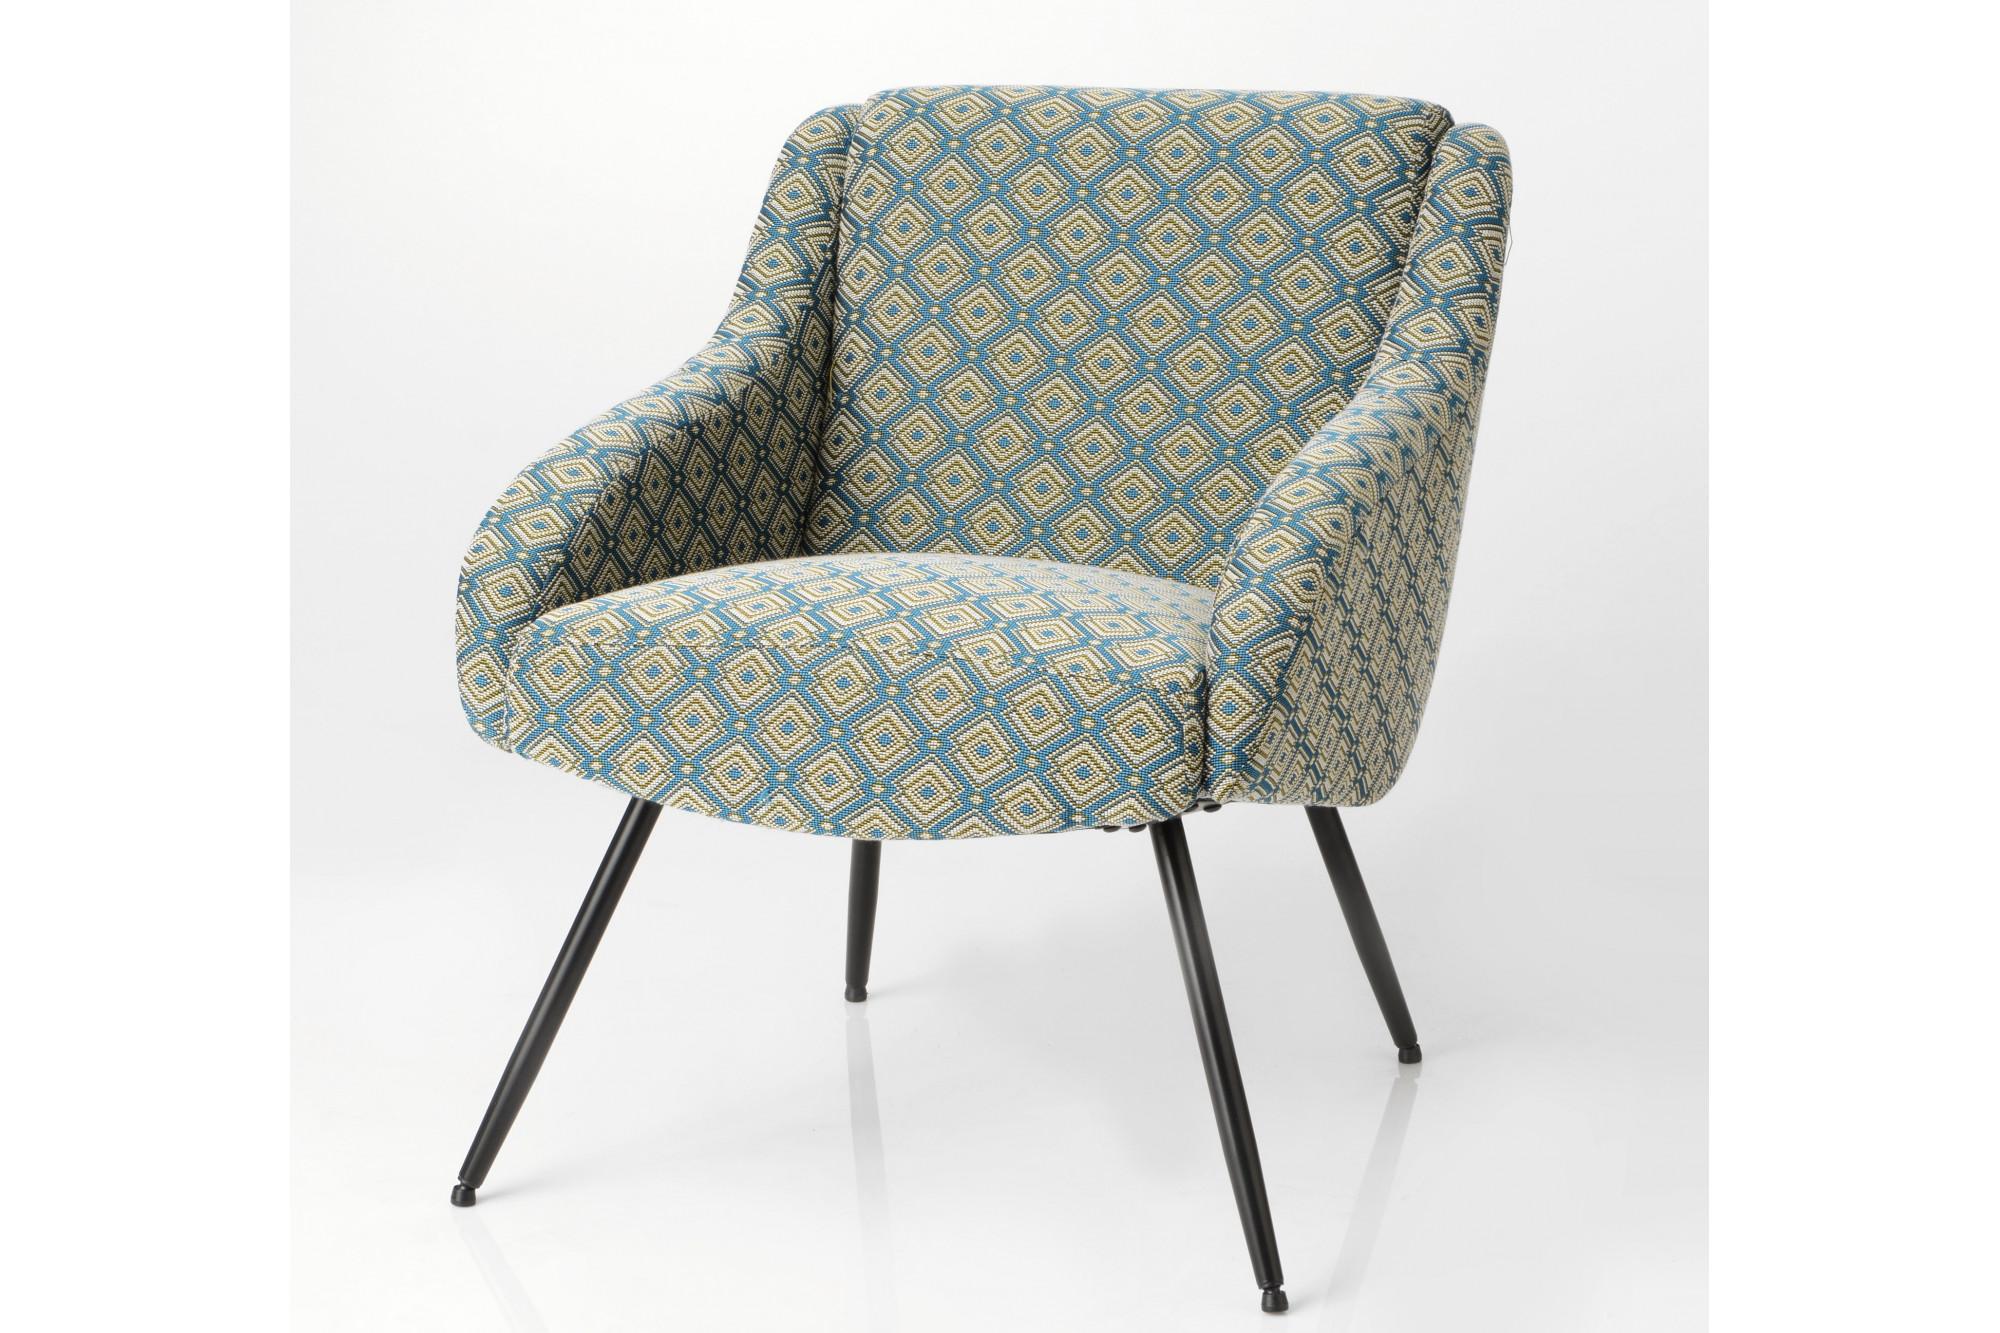 fauteuil en tissu jacquard franais et pieds en mtal noir - Fauteuil En Tissu